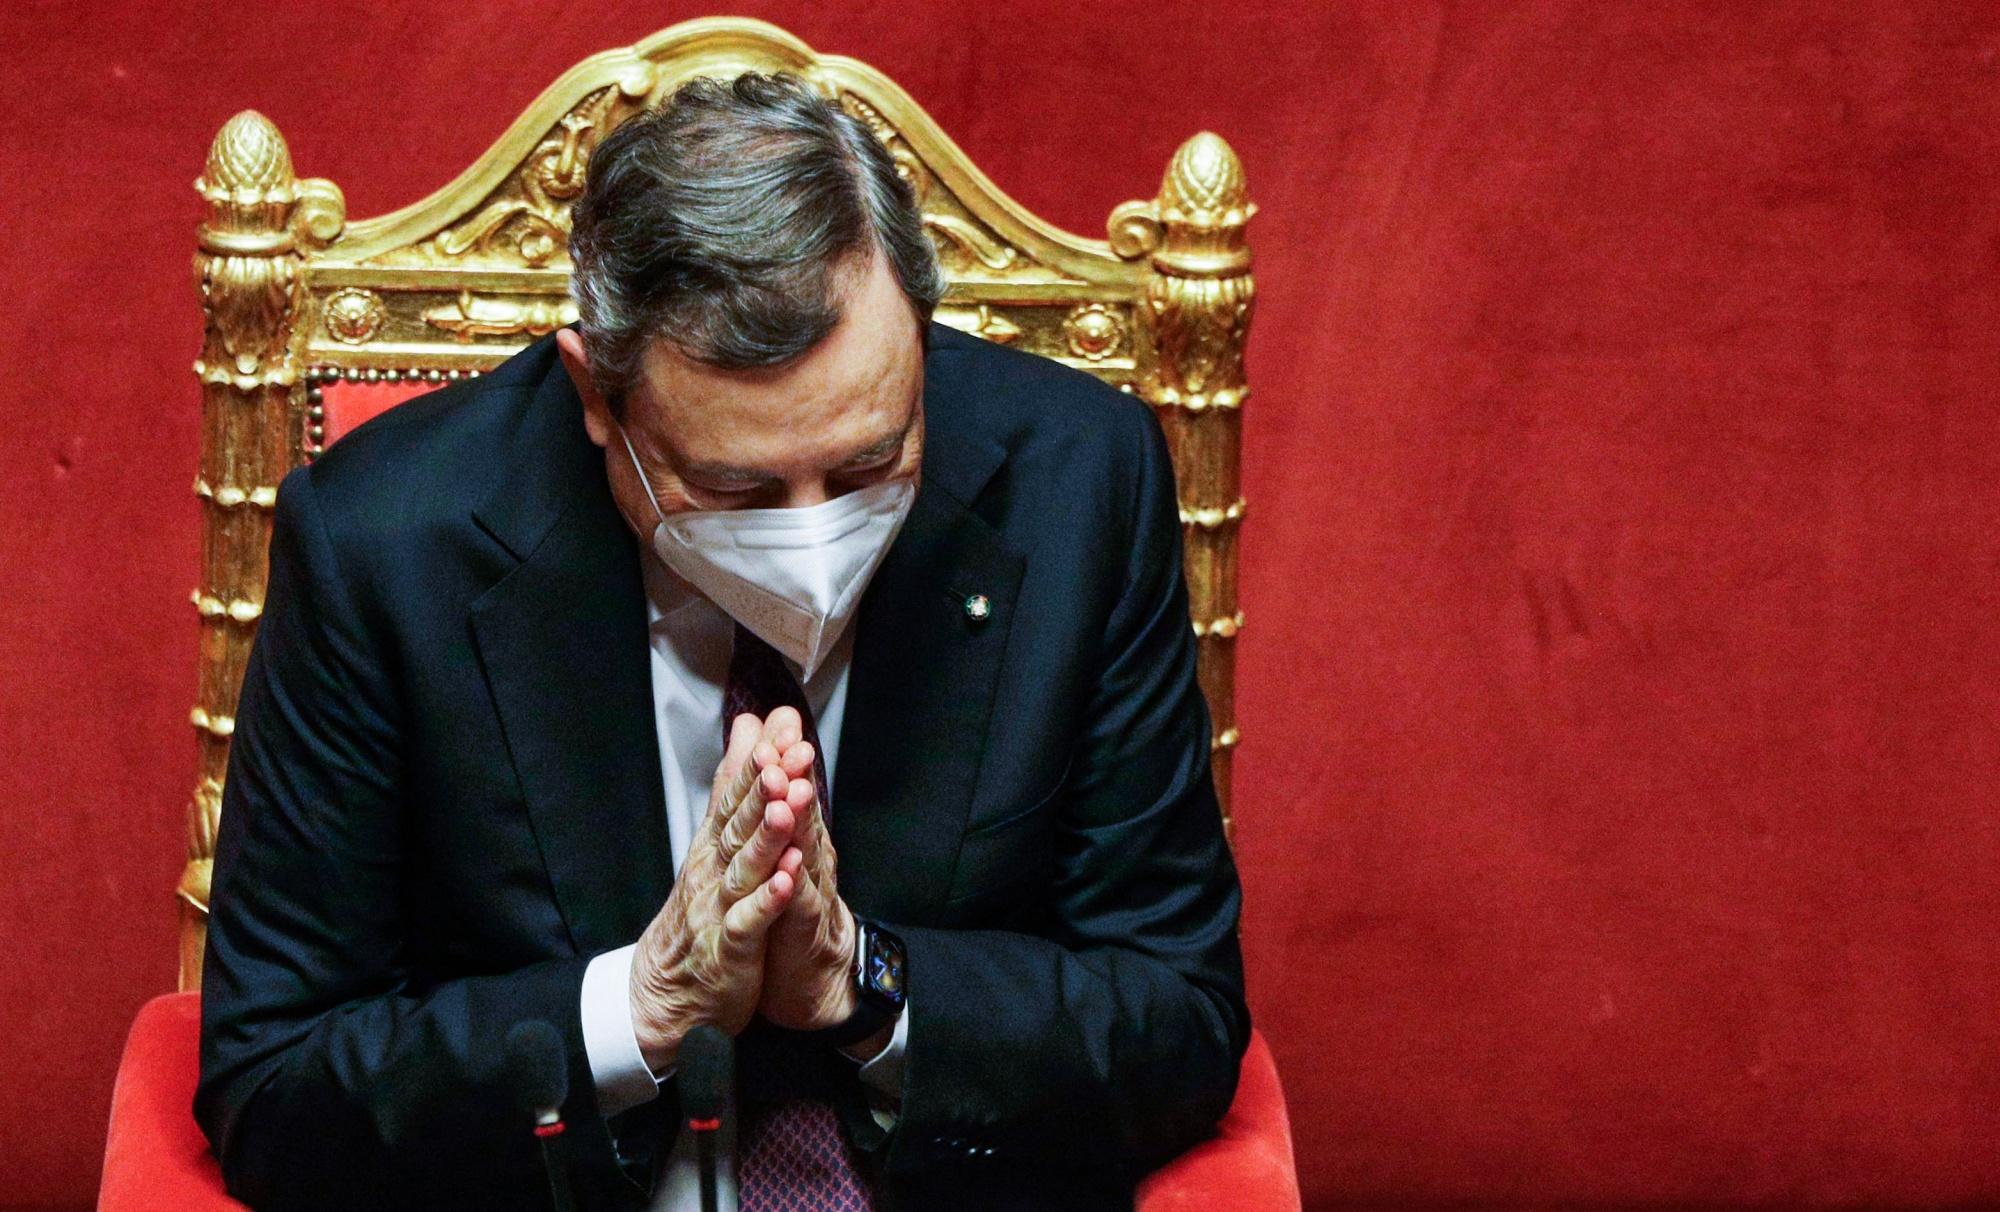 Zusammenstoß zwischen den Menschen und dem tiefen Staat in Italien